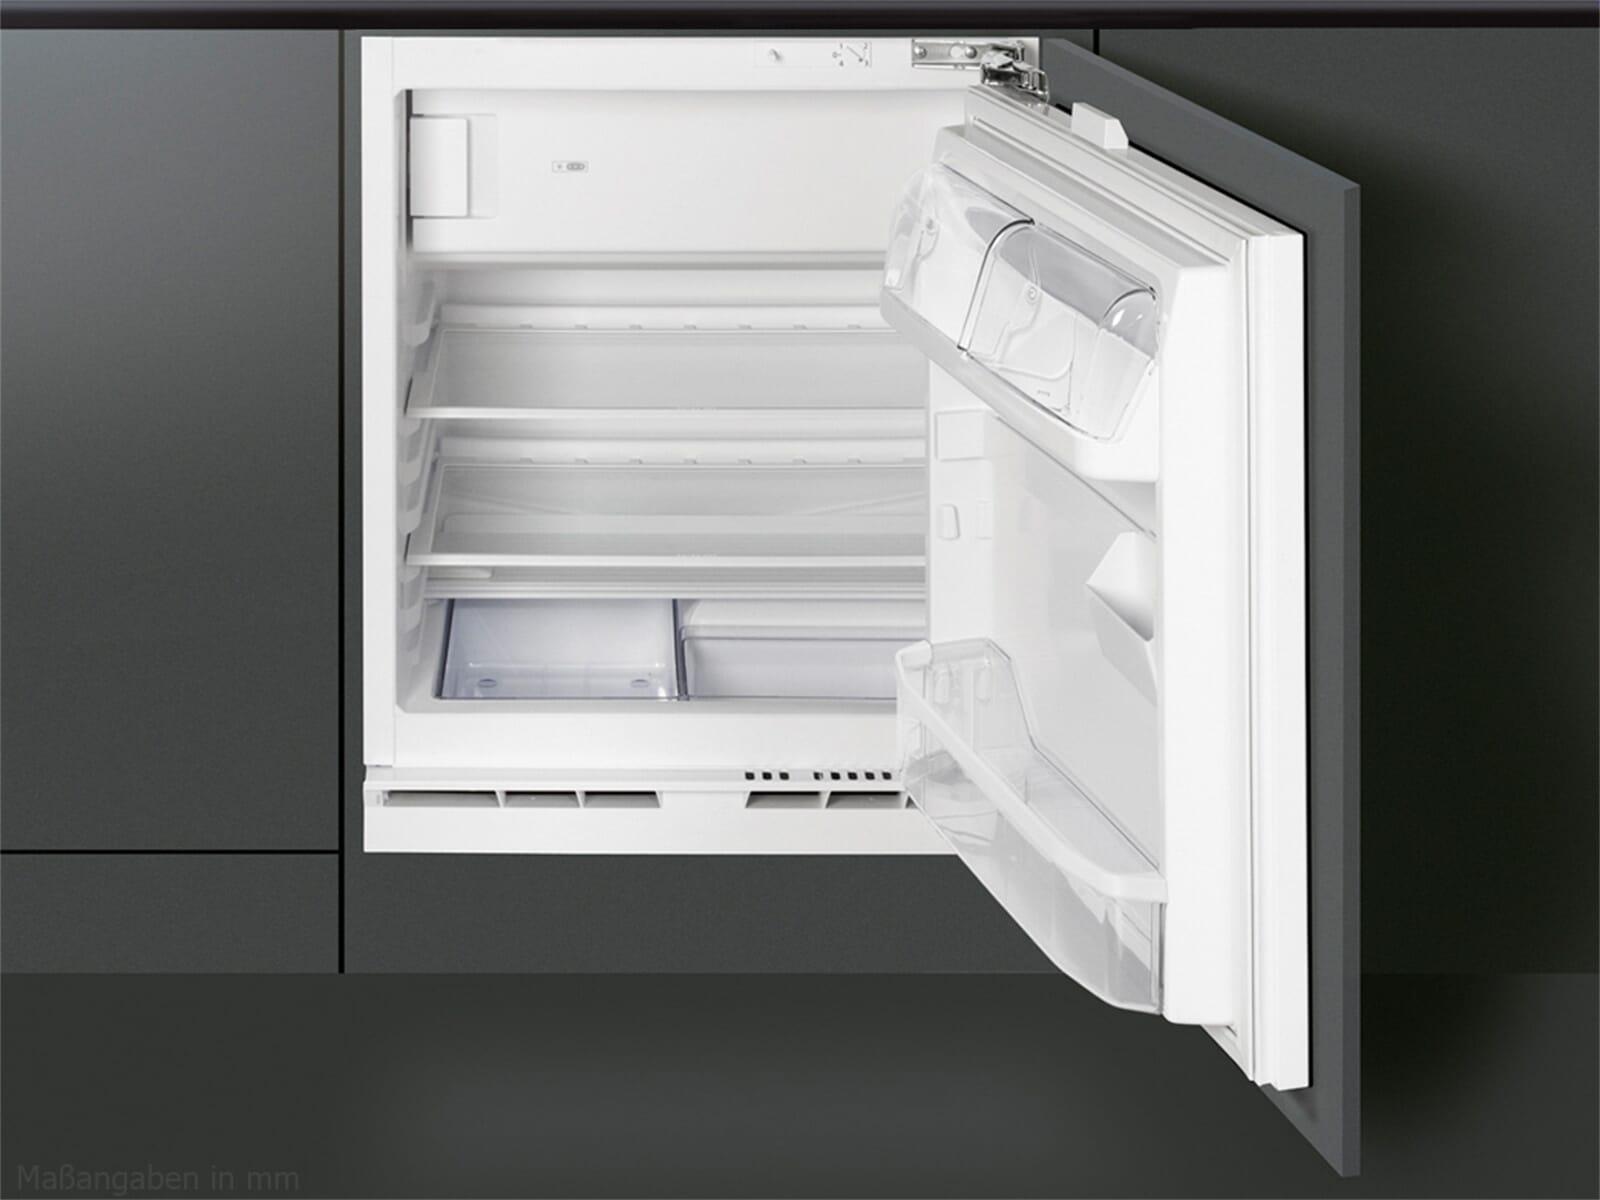 Amica Kühlschrank Unterbaufähig : Unterbau kühlschrank duke brenda blog